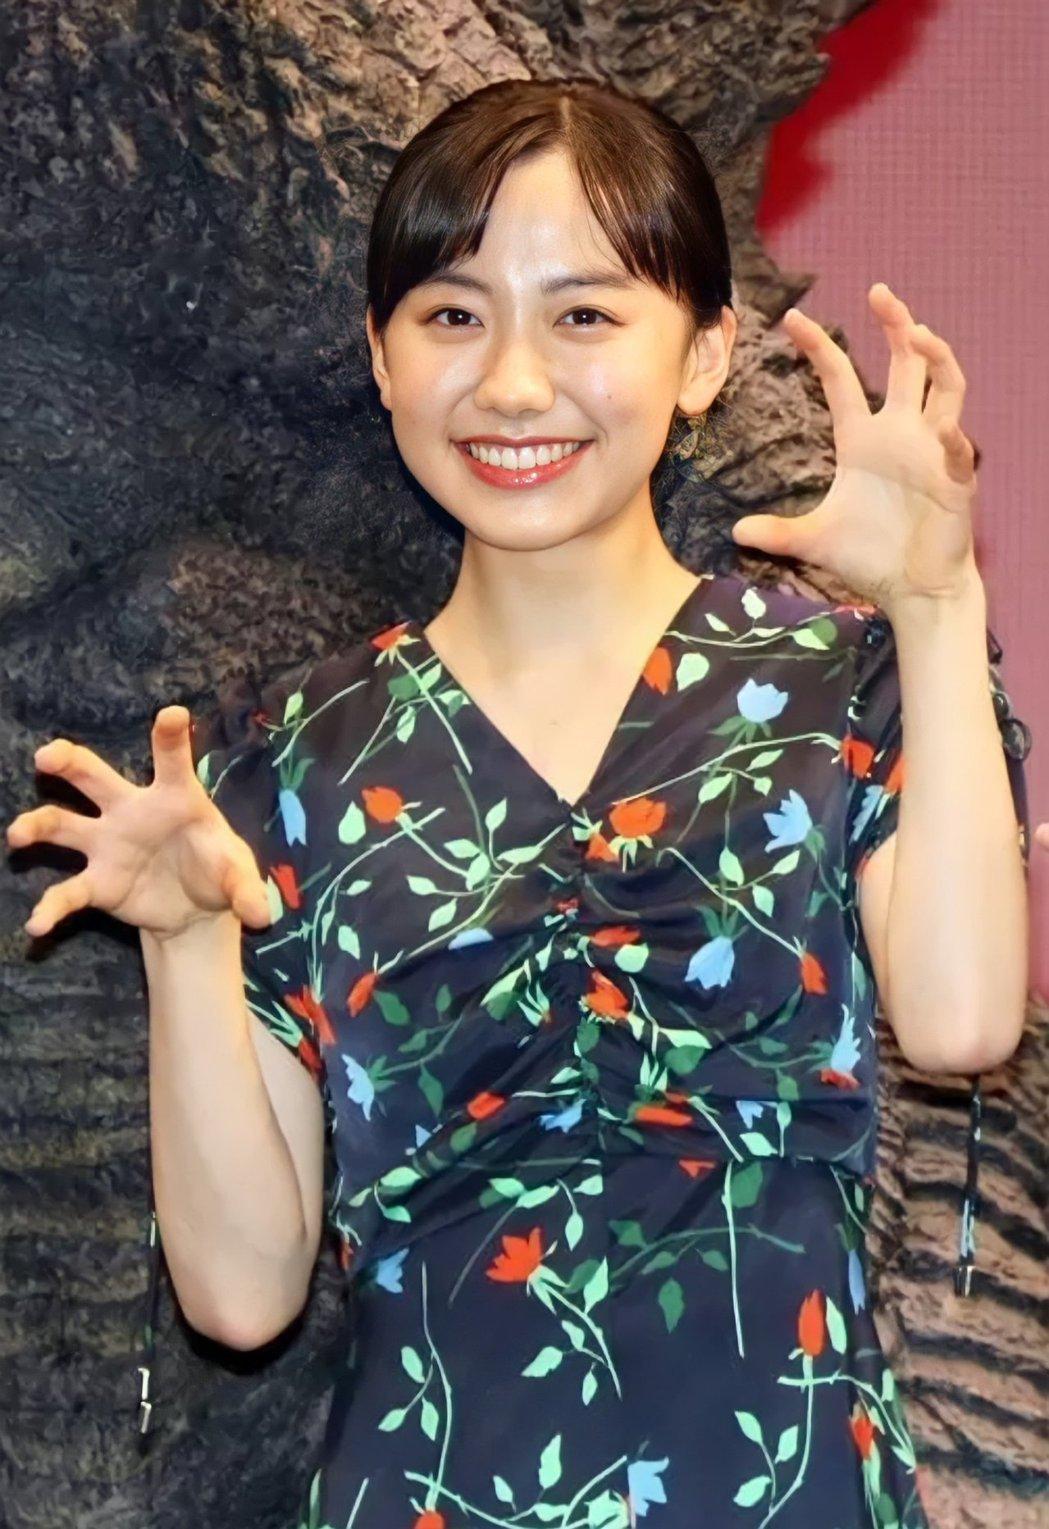 17歲的蘆田愛菜出席電影宣傳活動。 圖/擷自推特